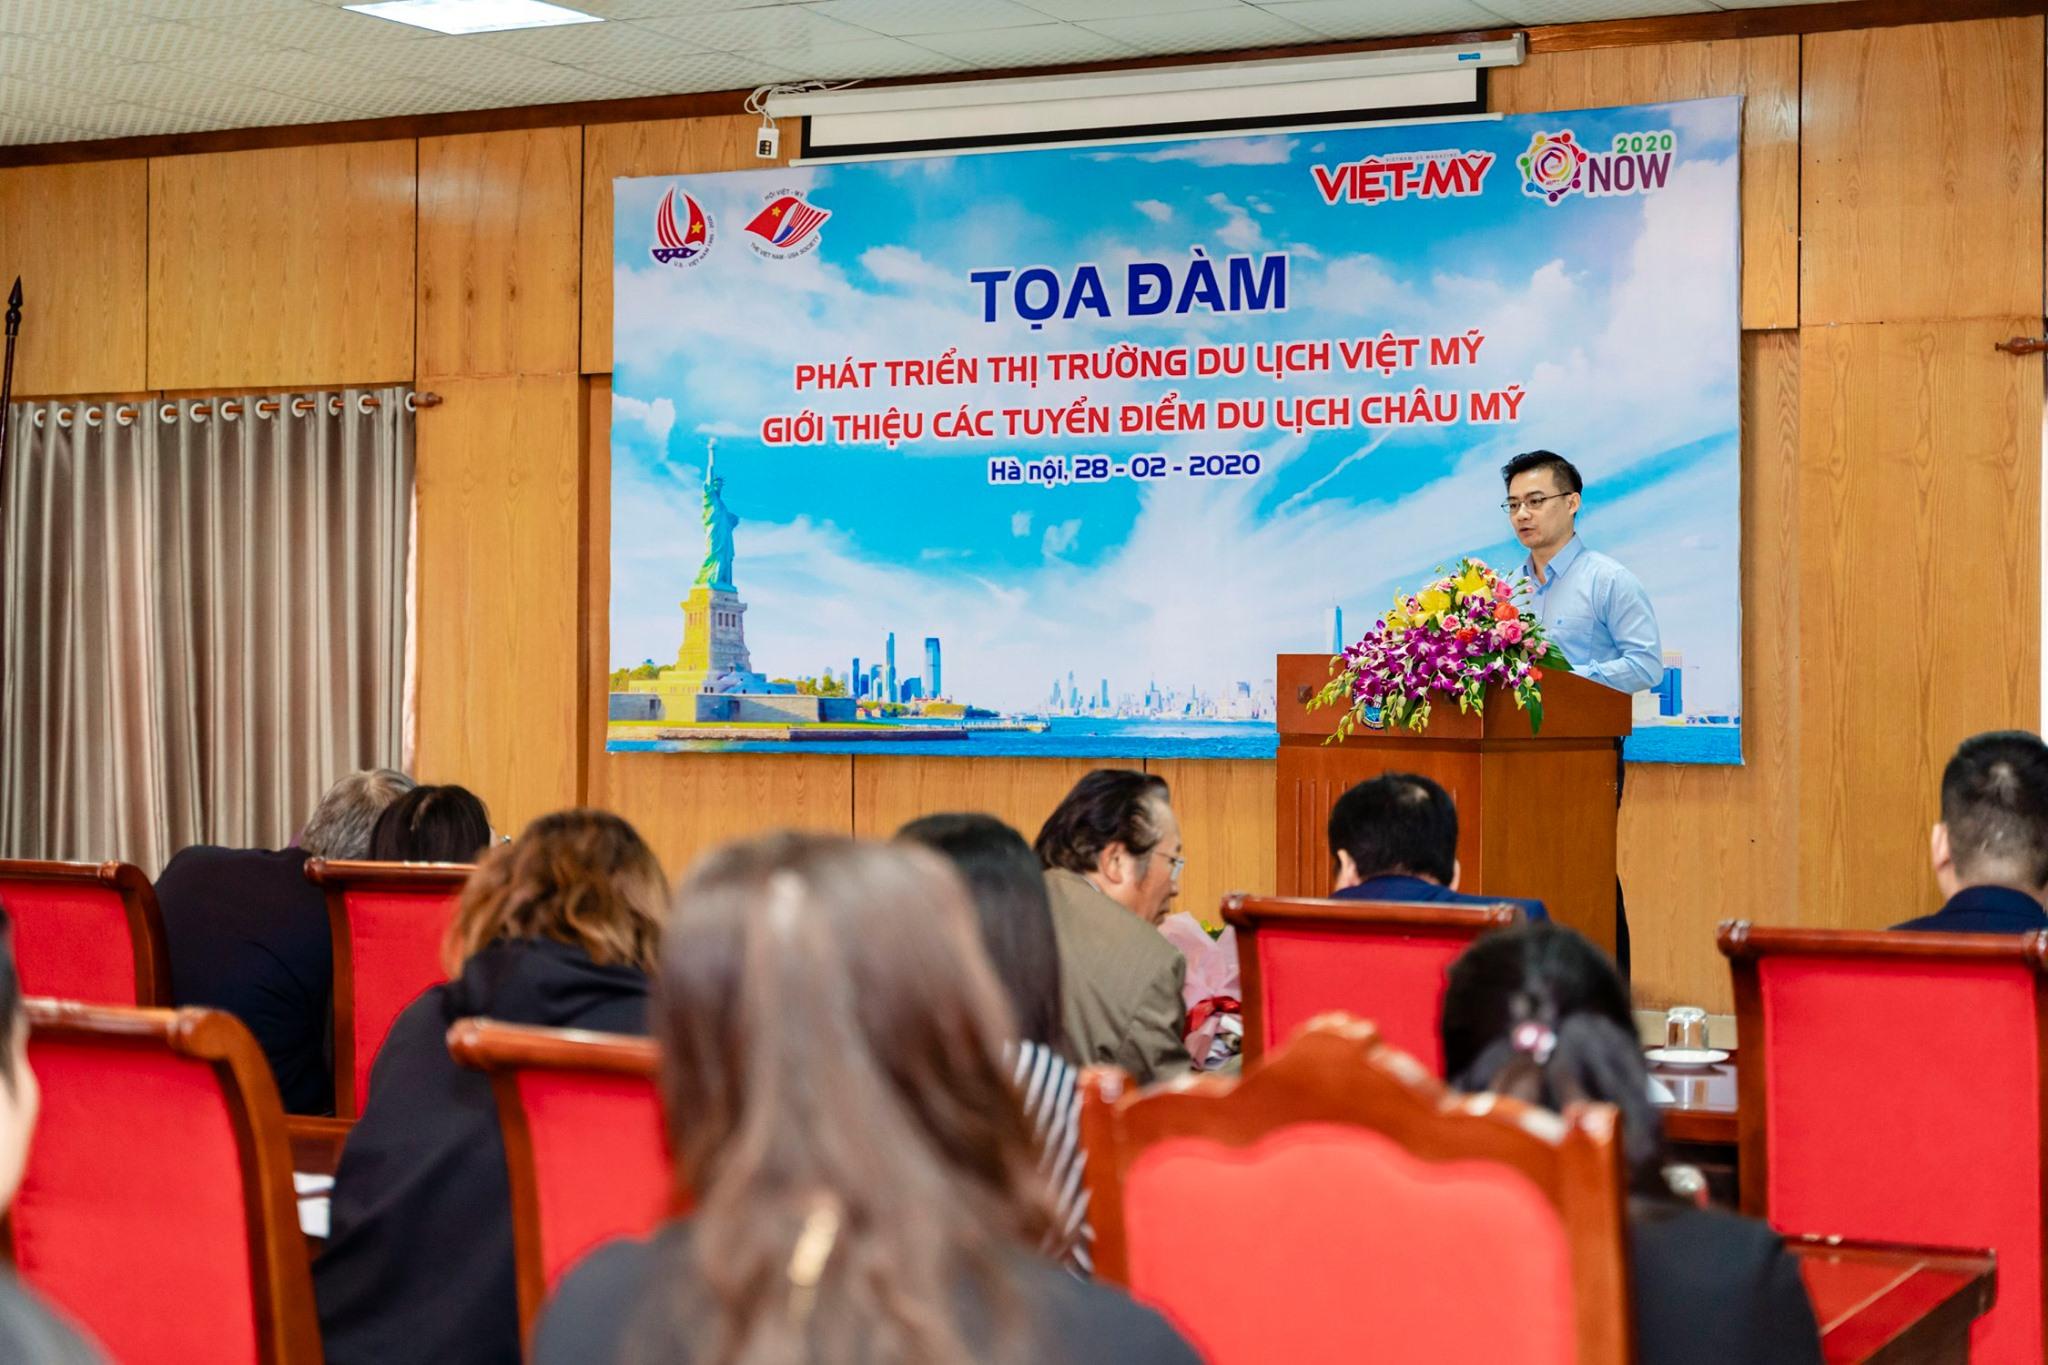 Diễn giả phát biểu tại buổi tọa đàm